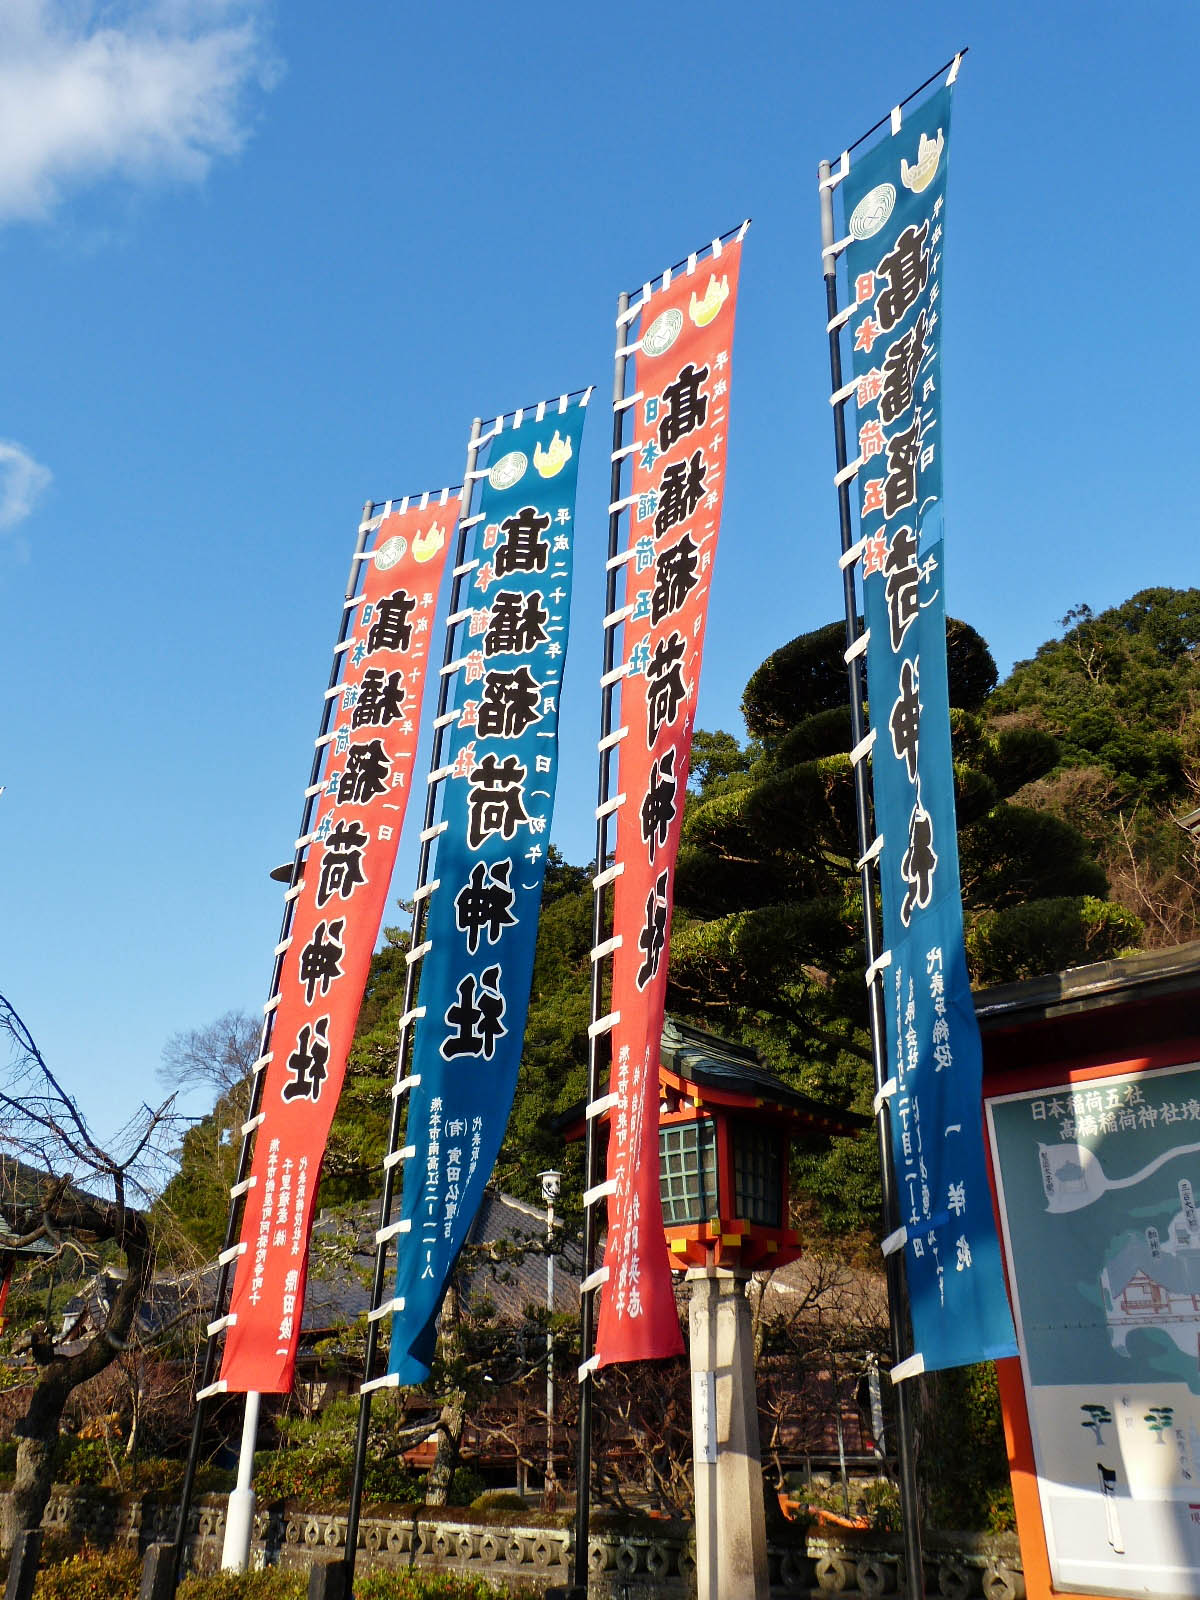 takahashi_inari_jinja_09.jpg